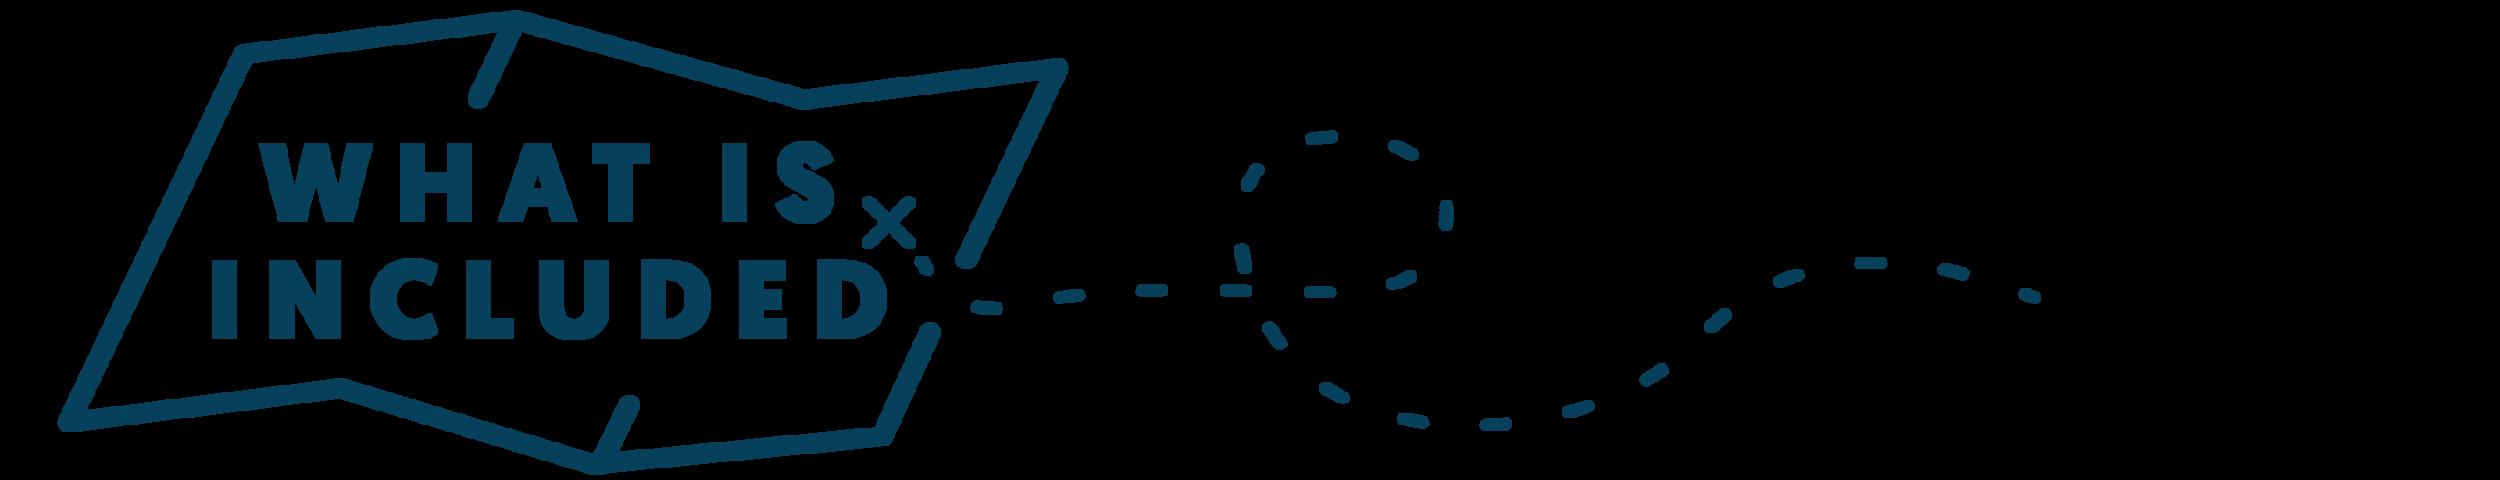 Web_symbols-05.png